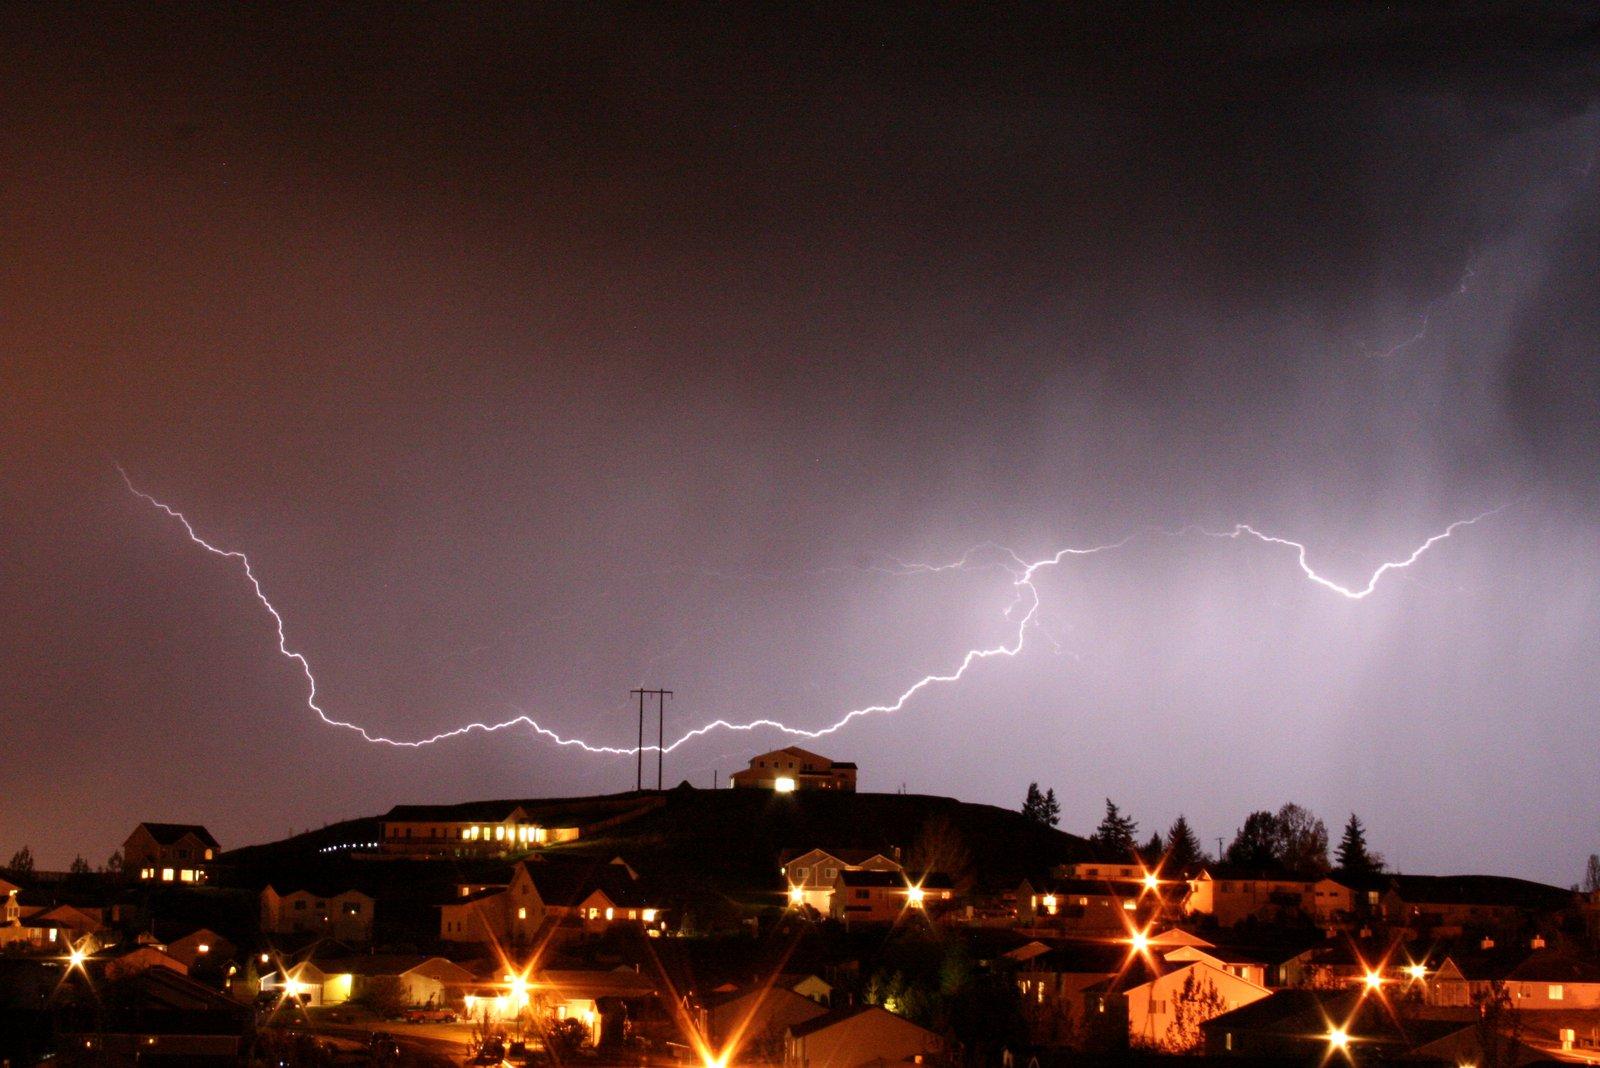 Lightning over hill